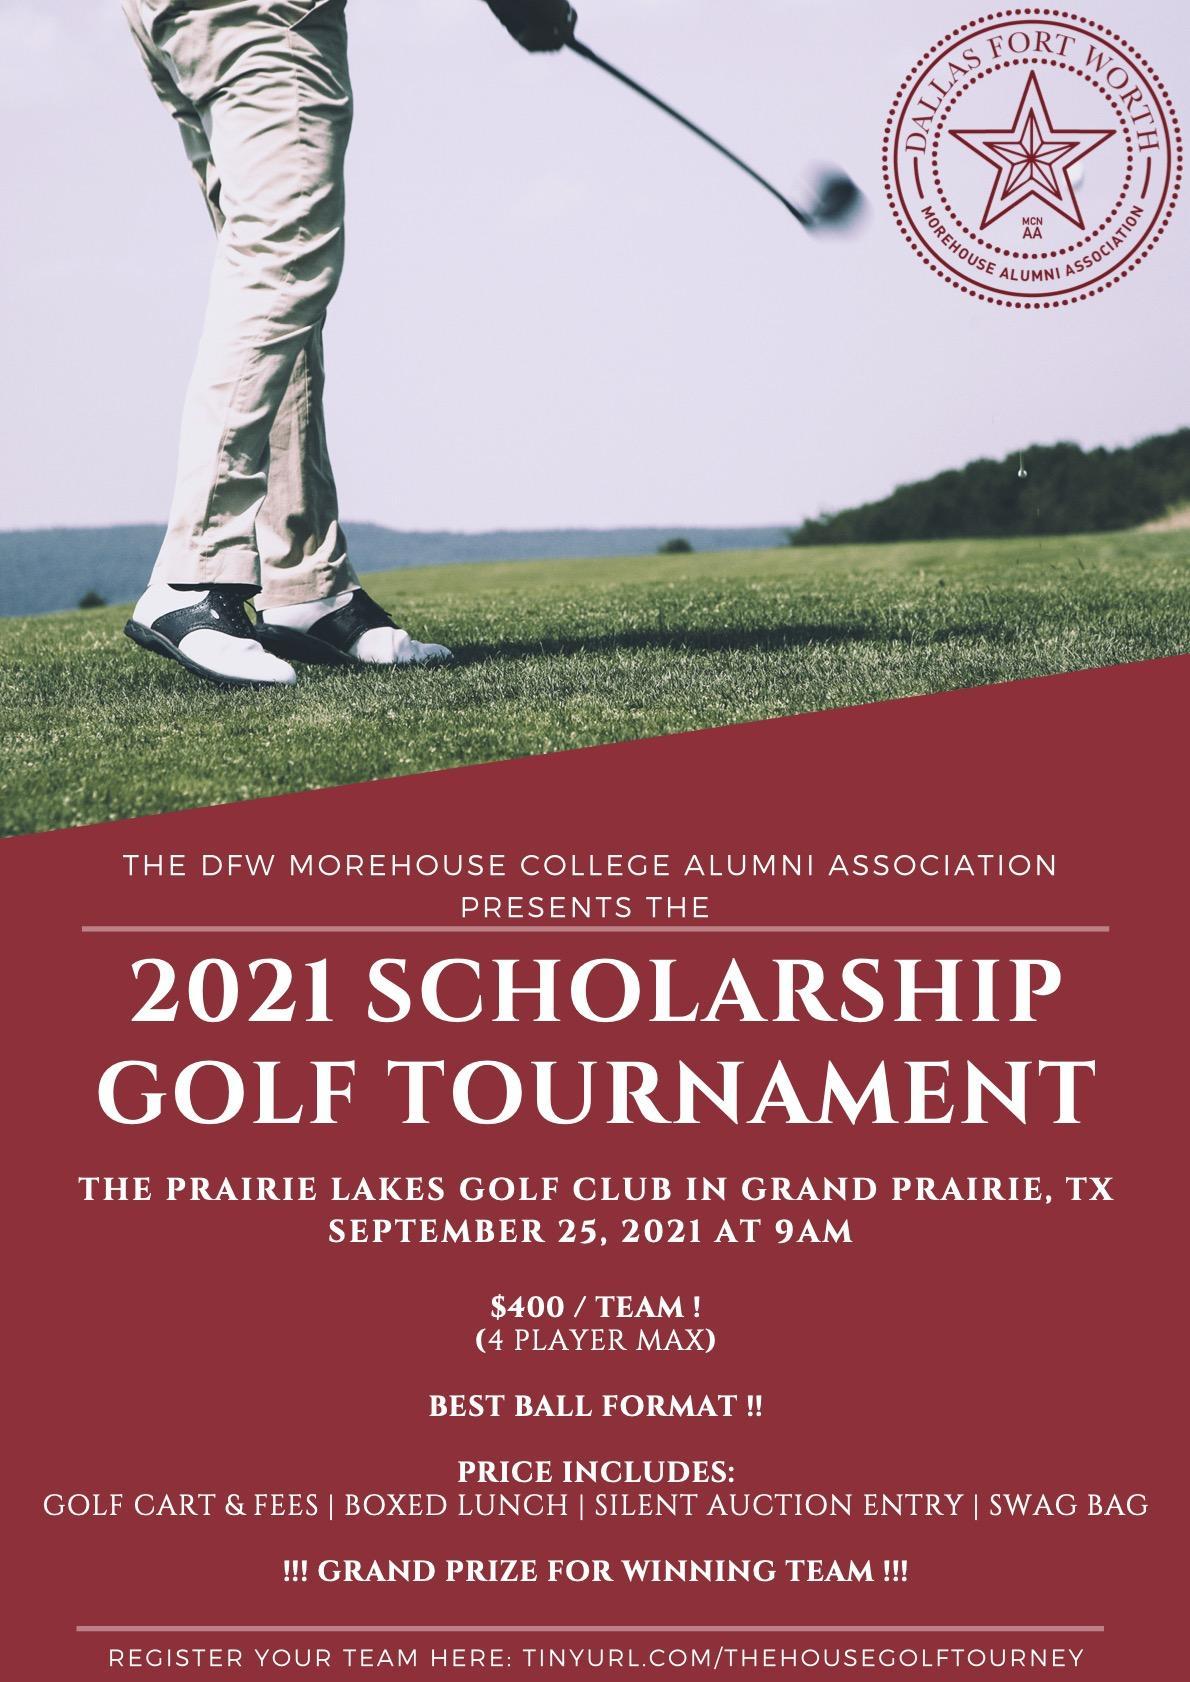 The DFW Morehouse Alumni Scholarship Golf Tournament